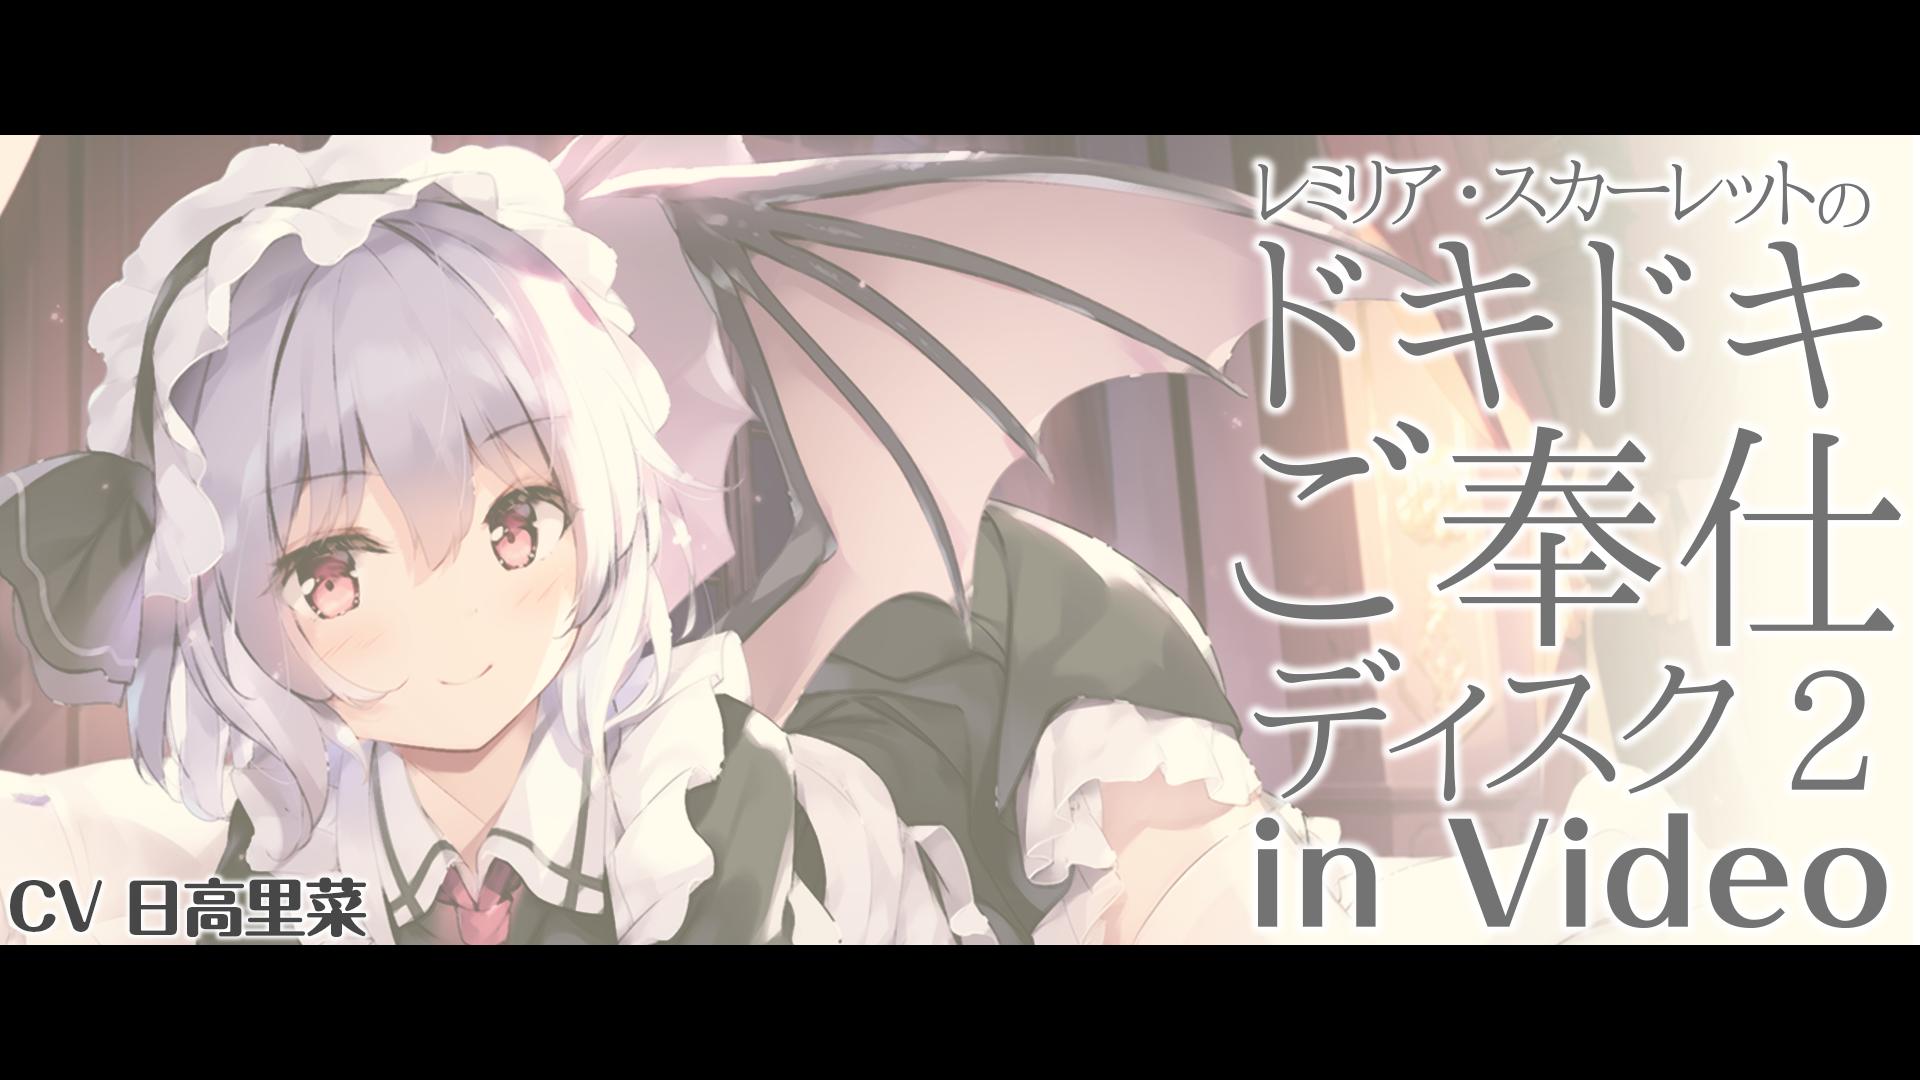 レミリア・スカーレットのドキドキご奉仕ディスク2 in Video